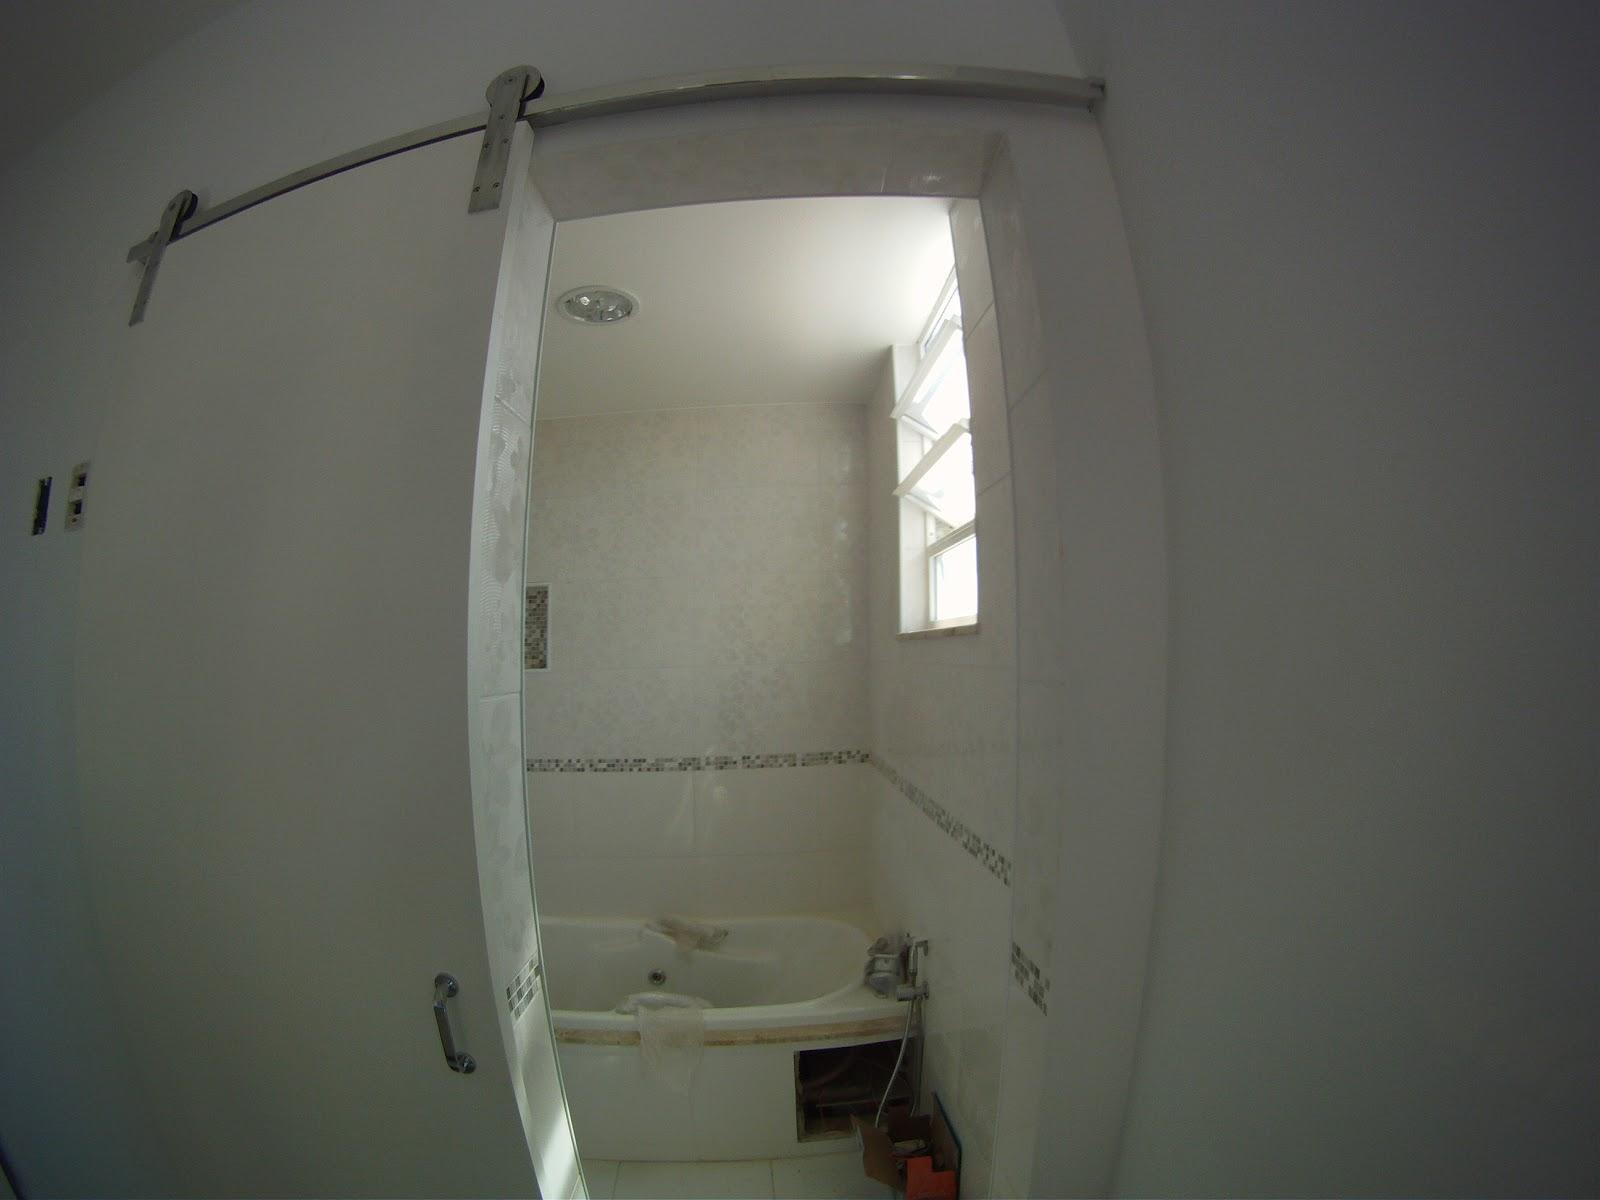 Imagens de #71715A Banheiro da Suíte : Tembém praticamente pronto! Falta o blindex  1600x1200 px 3514 Blindex De Banheiro Rj